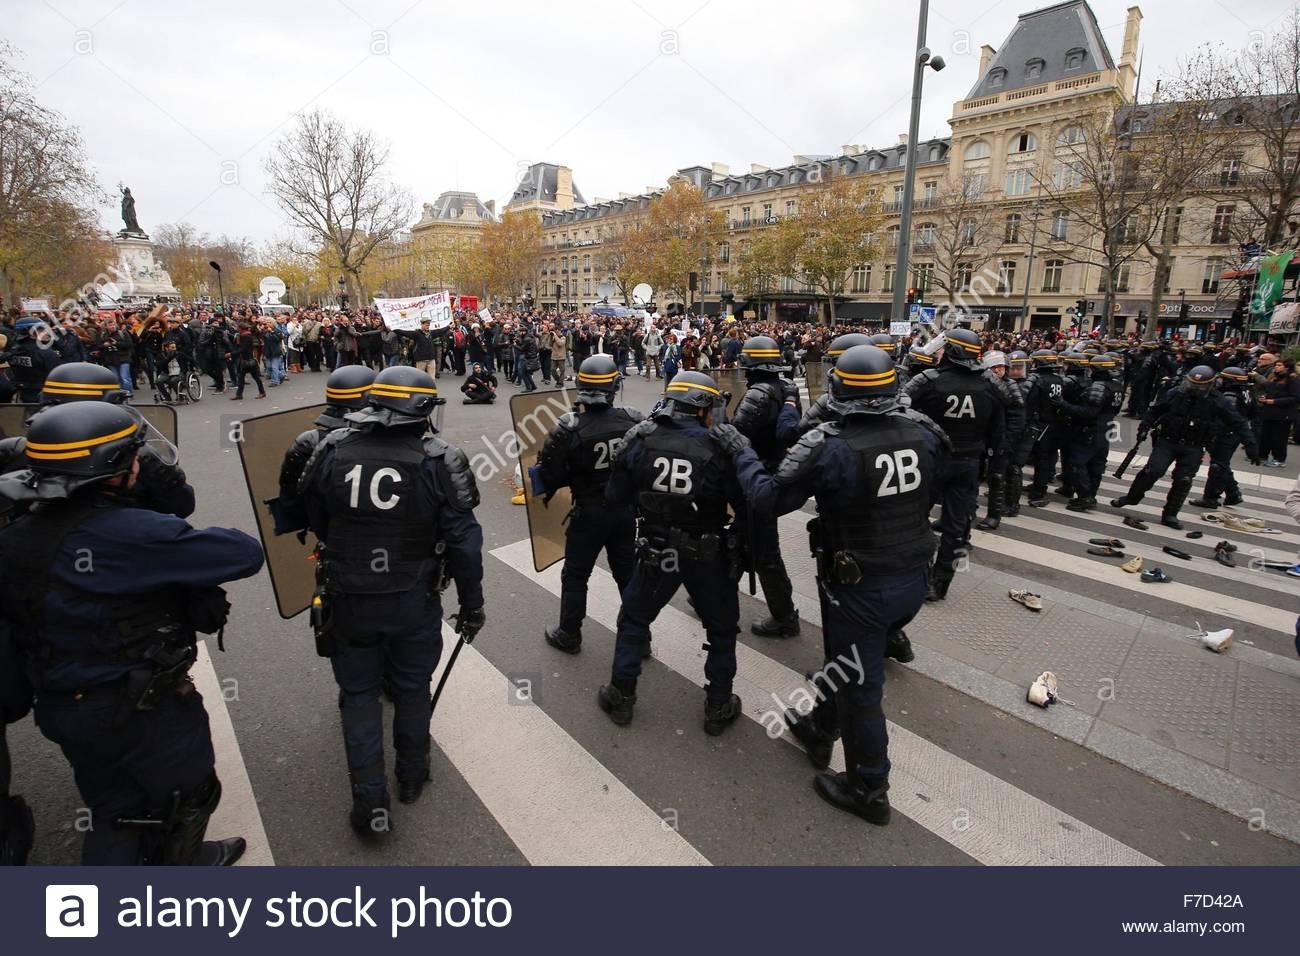 Paris-10E-Arrondissement, France. novembre 29th, 2015. FRANCE, Paris : Policemen walk in line on the Place de la - Stock Image